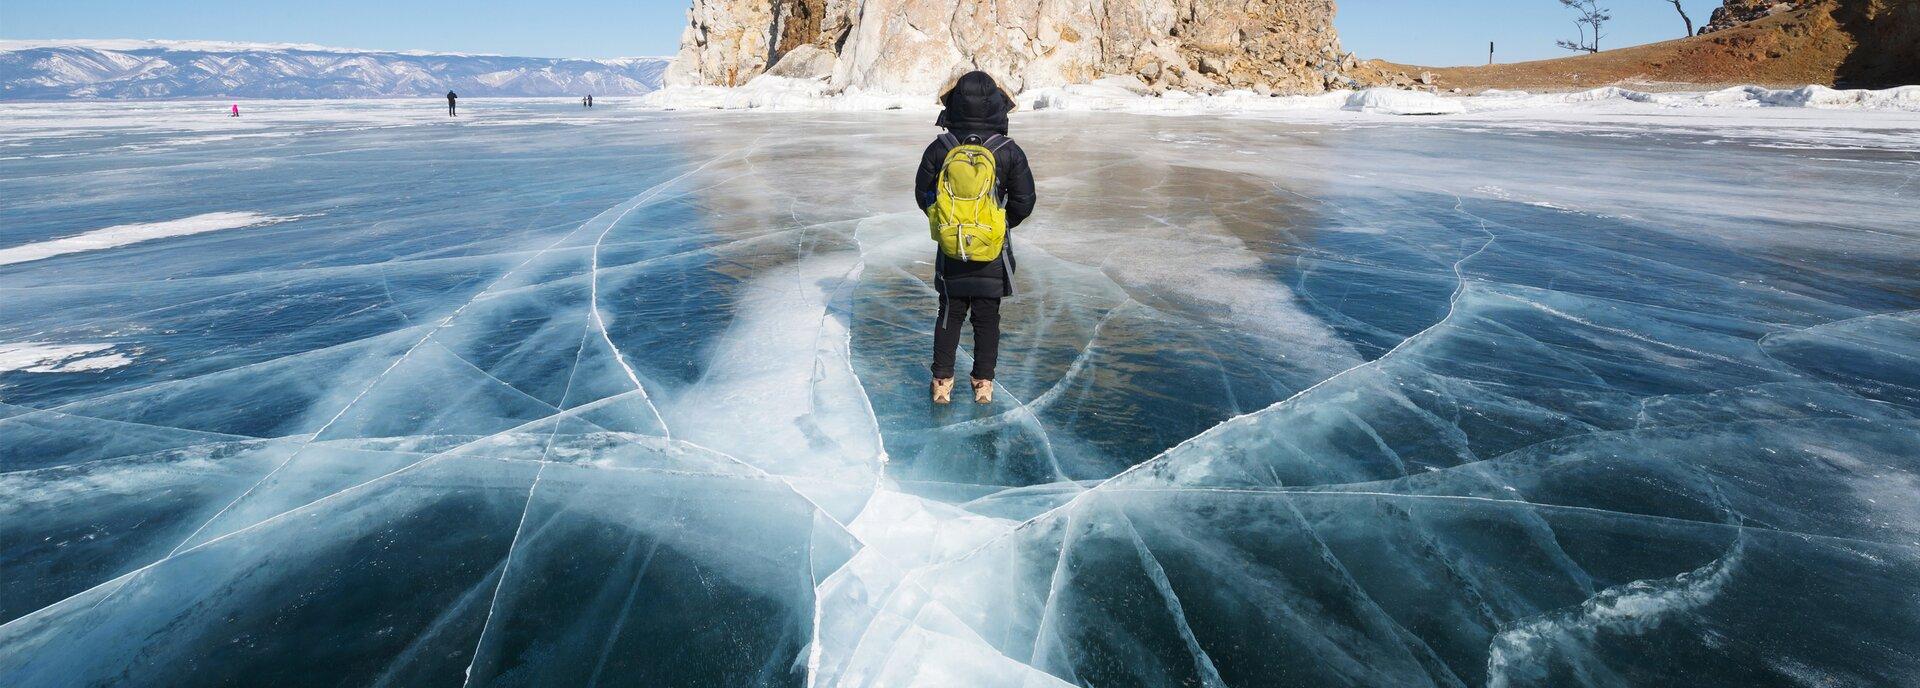 Kolorowe zdjęcie przedstawia zamarzniętą taflę jeziora, na której widoczne są pęknięcia ibiałe rysy. Wcentralnej części zdjęcia, na środku, tam gdzie jest najwięcej pęknięć irys, na zamarzniętej tafli jeziora stoi tyłem człowiek ubrany wczarną kurtkę zkapturem nałożonym na głowę. Ma jasne zimowe buty, na plecach żółty plecak. Przed nim, woddali, widoczna jest skalista góra – na zdjęciu przedstawiono tylko jej podstawę. Woddali po lewej stronie znajdują się góry. Po prawej stronie skały widoczna jest brązowa ziemia – brzeg jeziora.